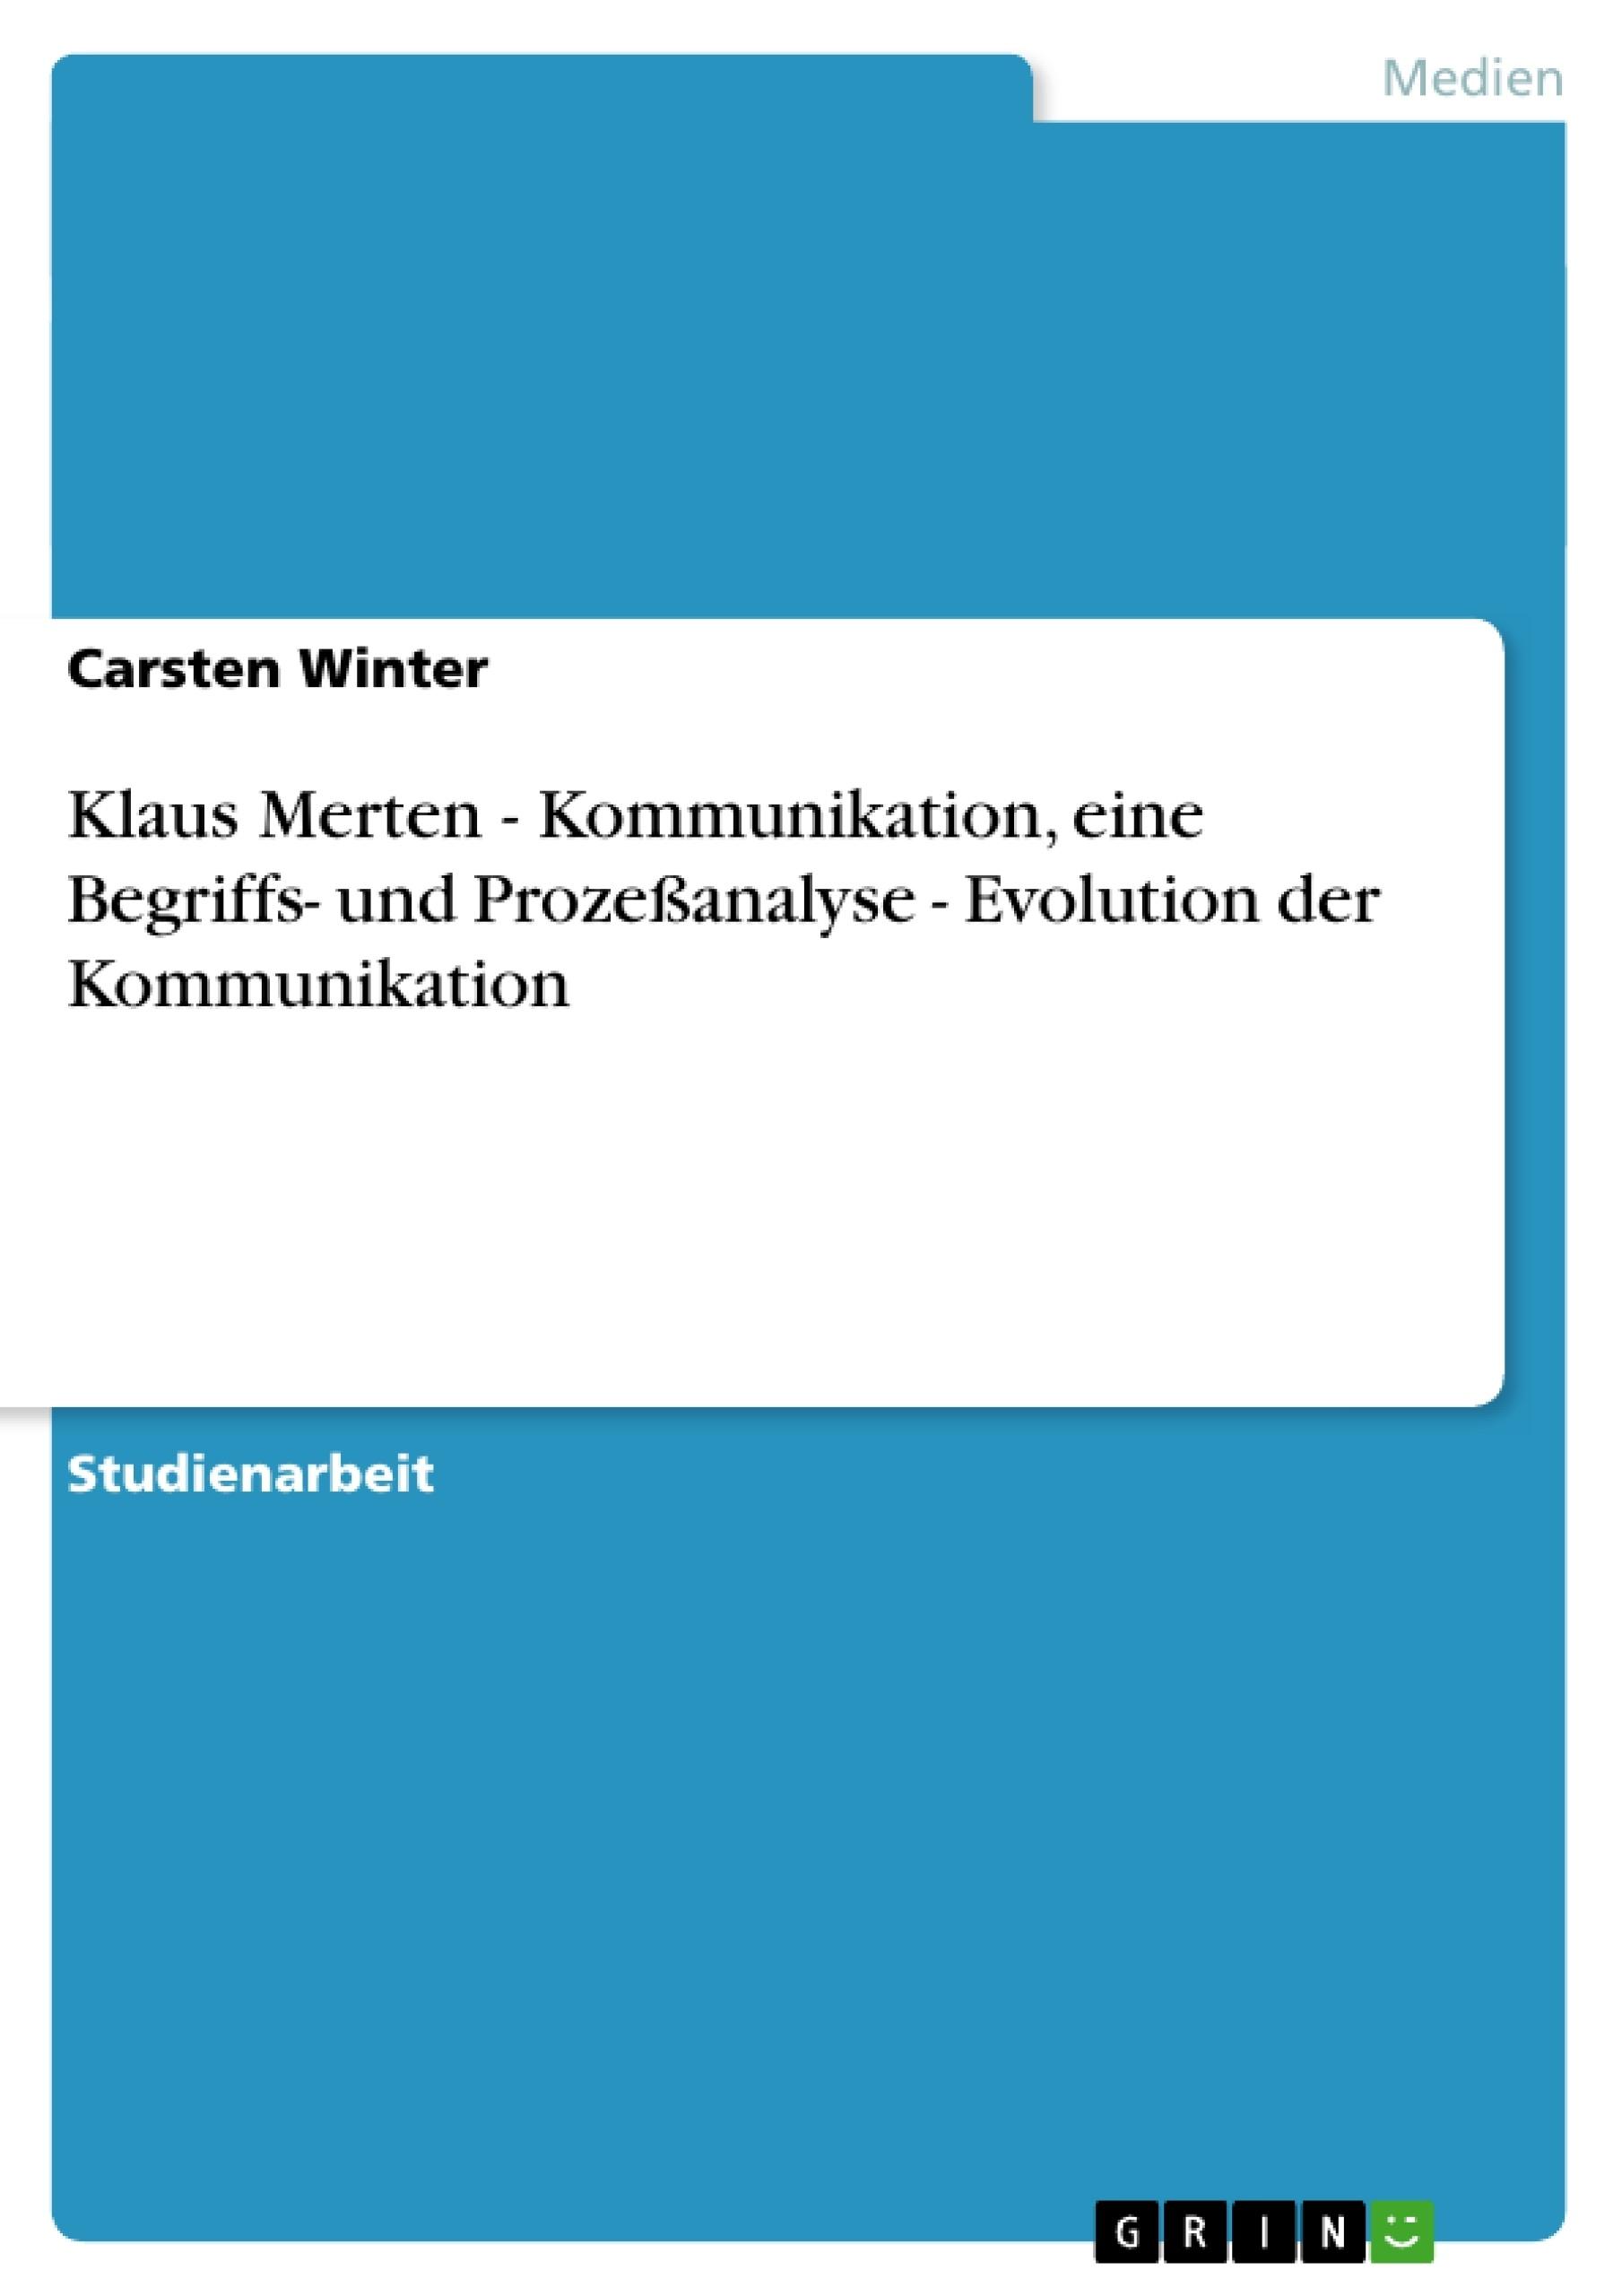 Titel: Klaus Merten - Kommunikation, eine Begriffs- und Prozeßanalyse - Evolution der Kommunikation